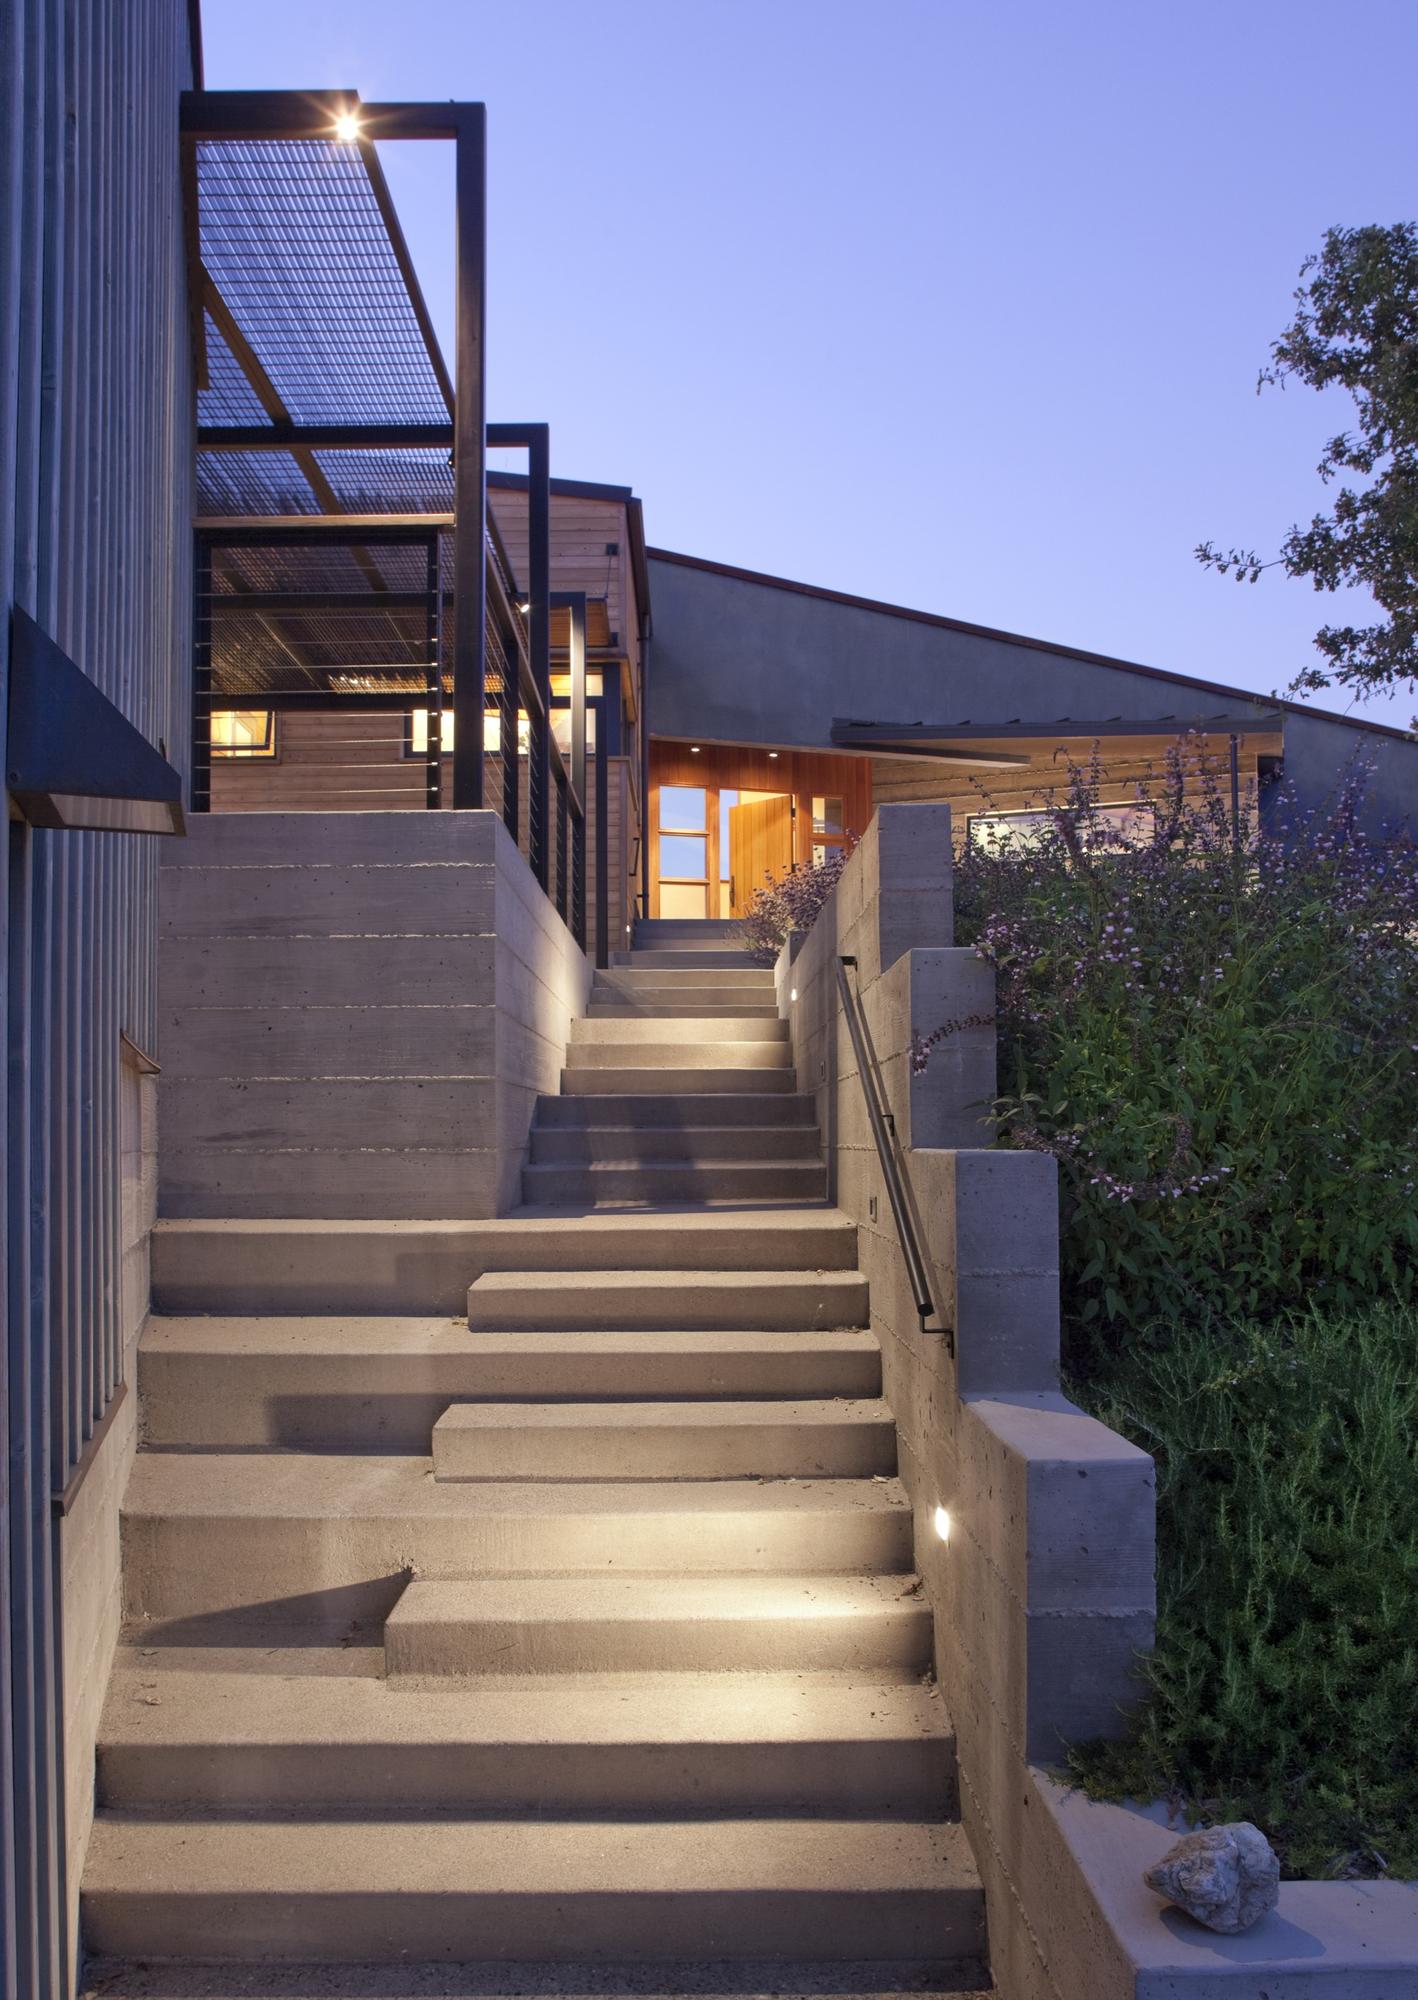 Gallery Of Santa Ynez House Fernau Hartman Architects 2